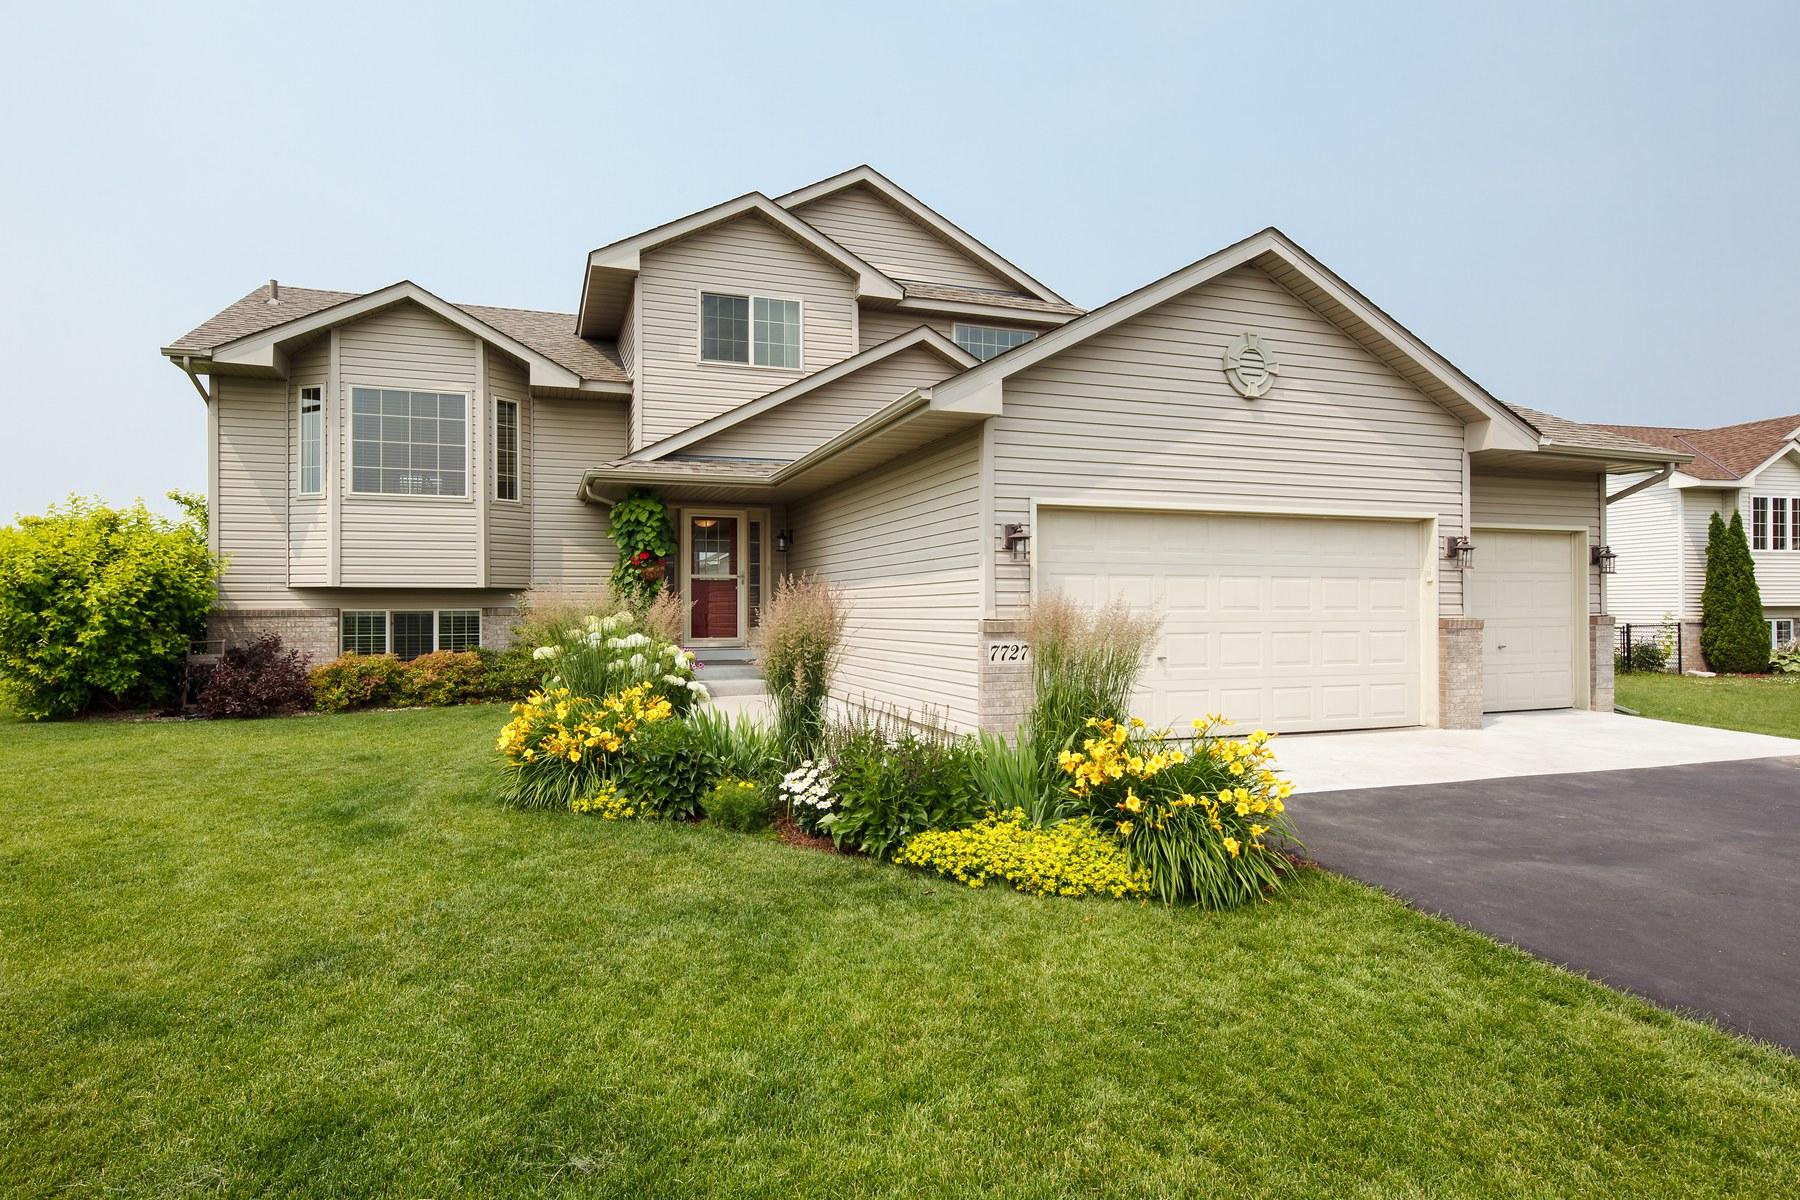 Maison unifamiliale pour l Vente à 7727 Landau Avenue NE Otsego, Minnesota 55301 États-Unis